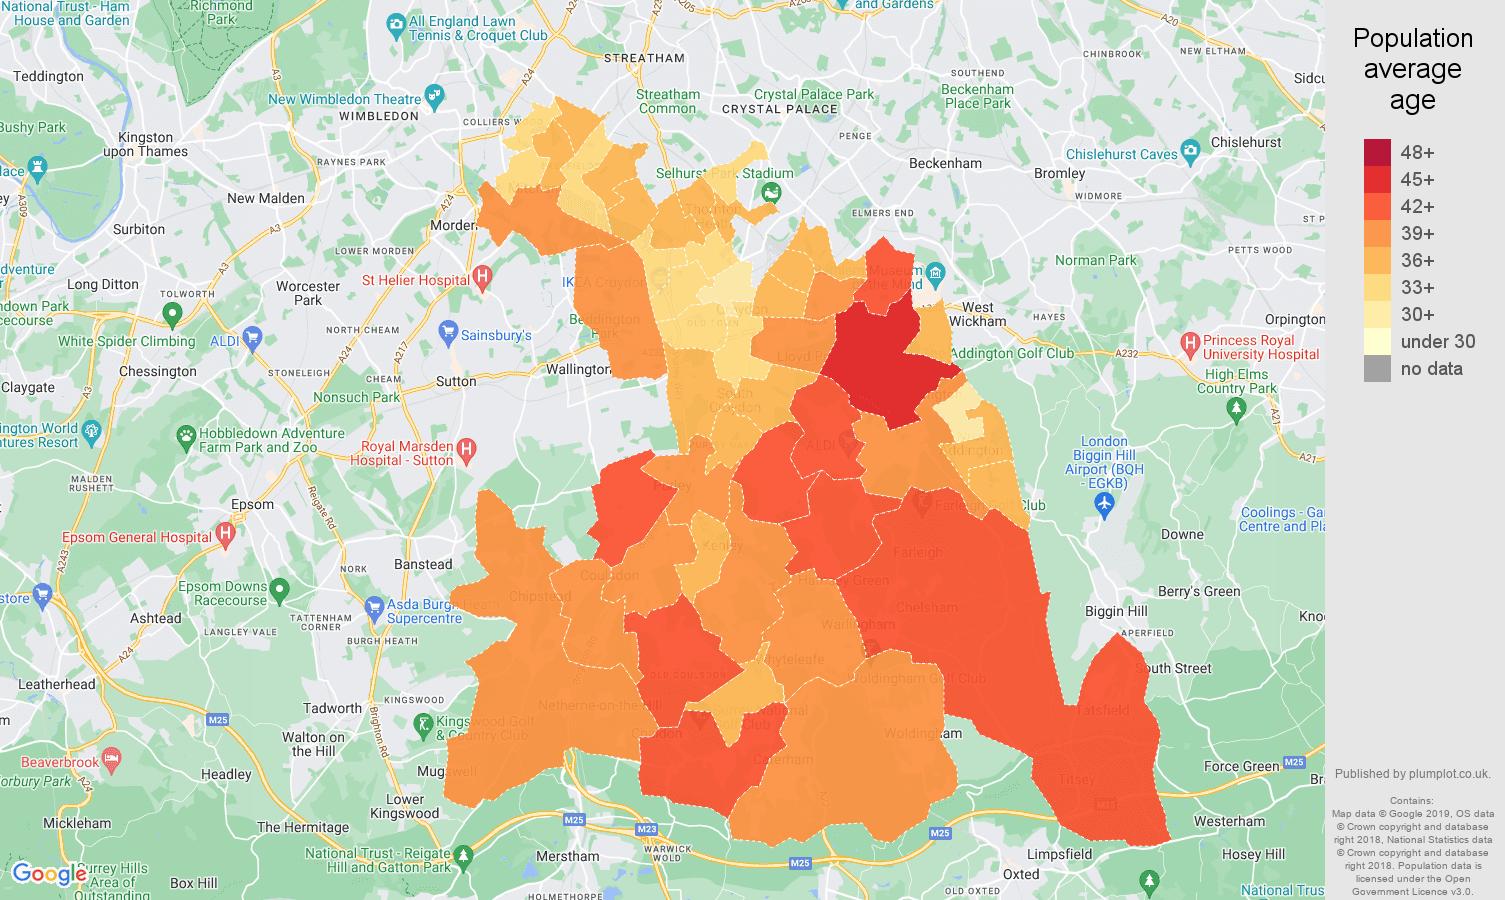 Croydon population average age map